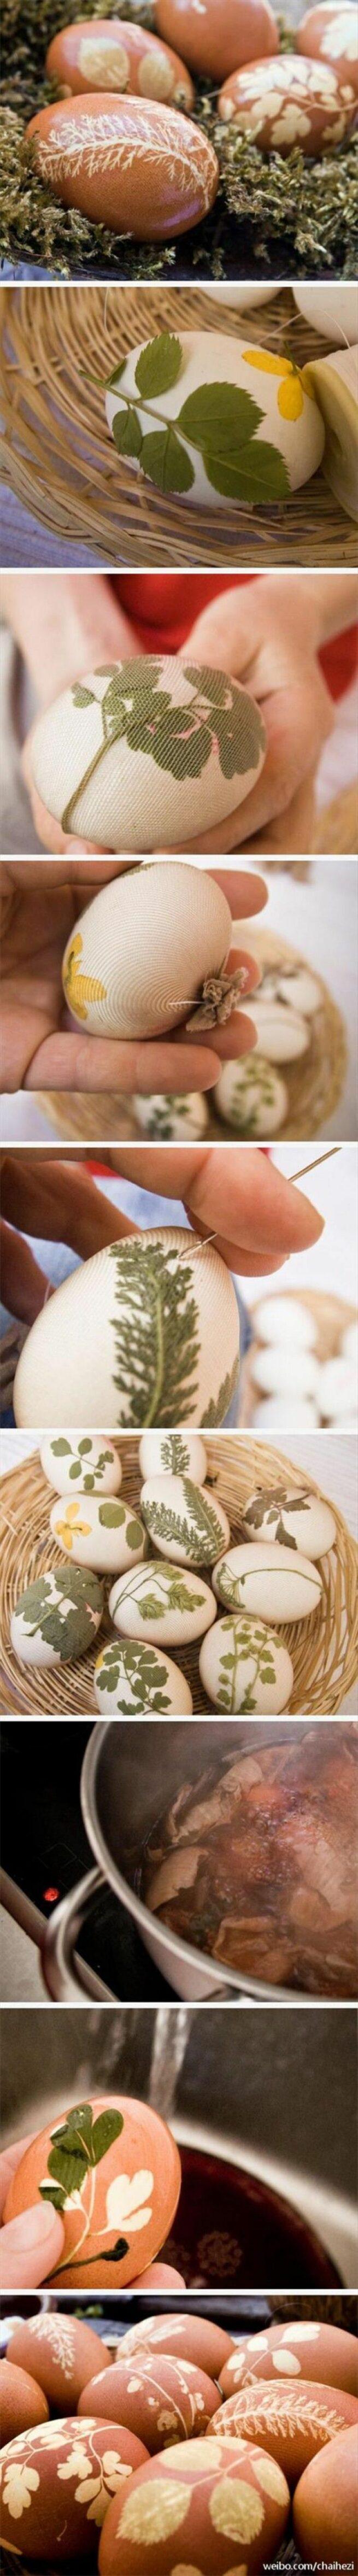 Sposób dekoracji jaj Wielkanocnych 3